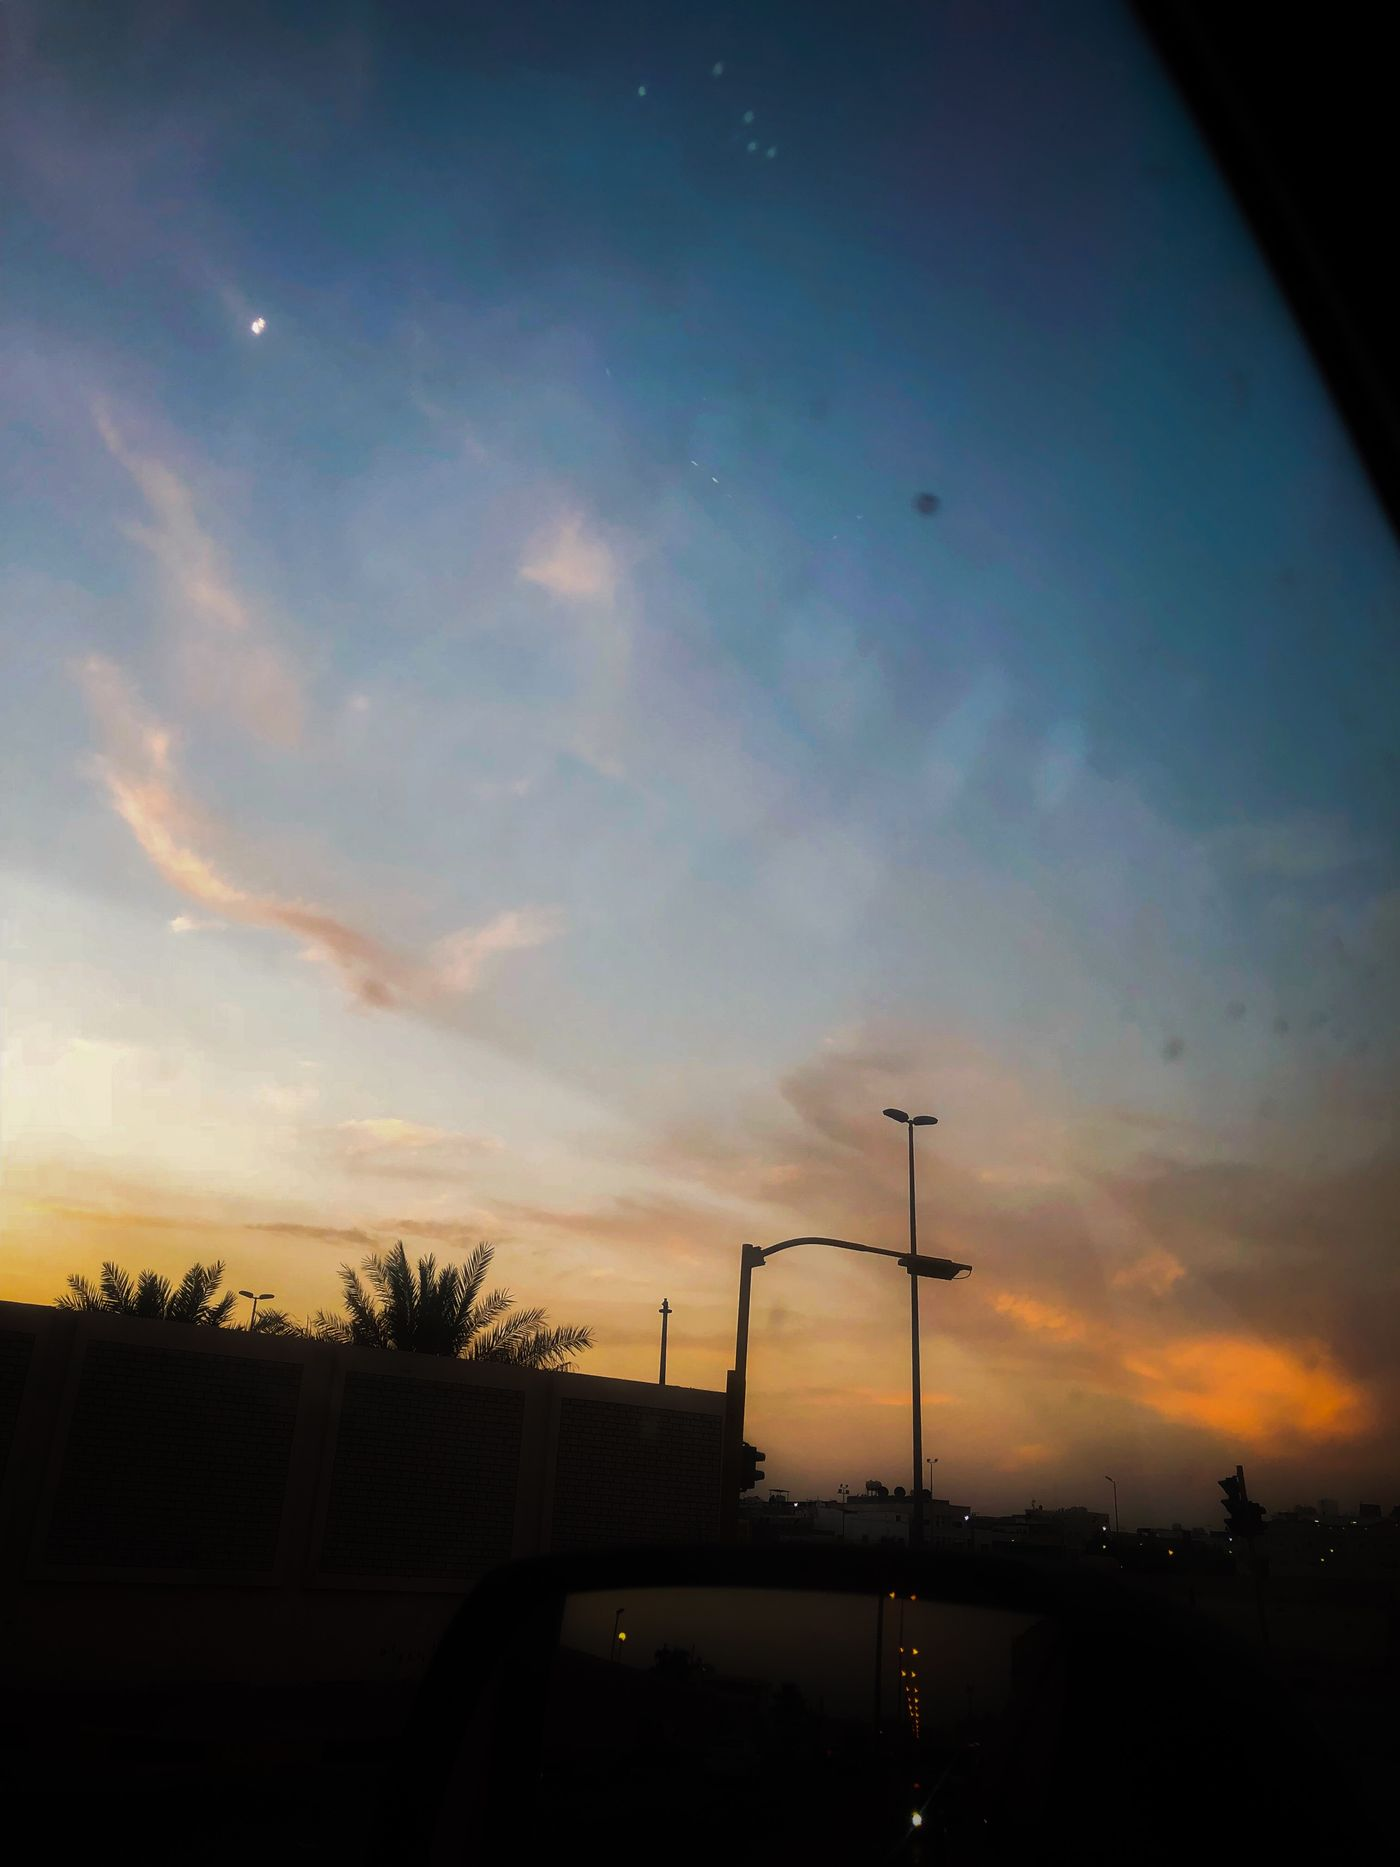 تصوير ايفون 8 بلس الشرقية السعودية  تصميمي الخبر ❤️❤️. الغروب تصويري ايفون